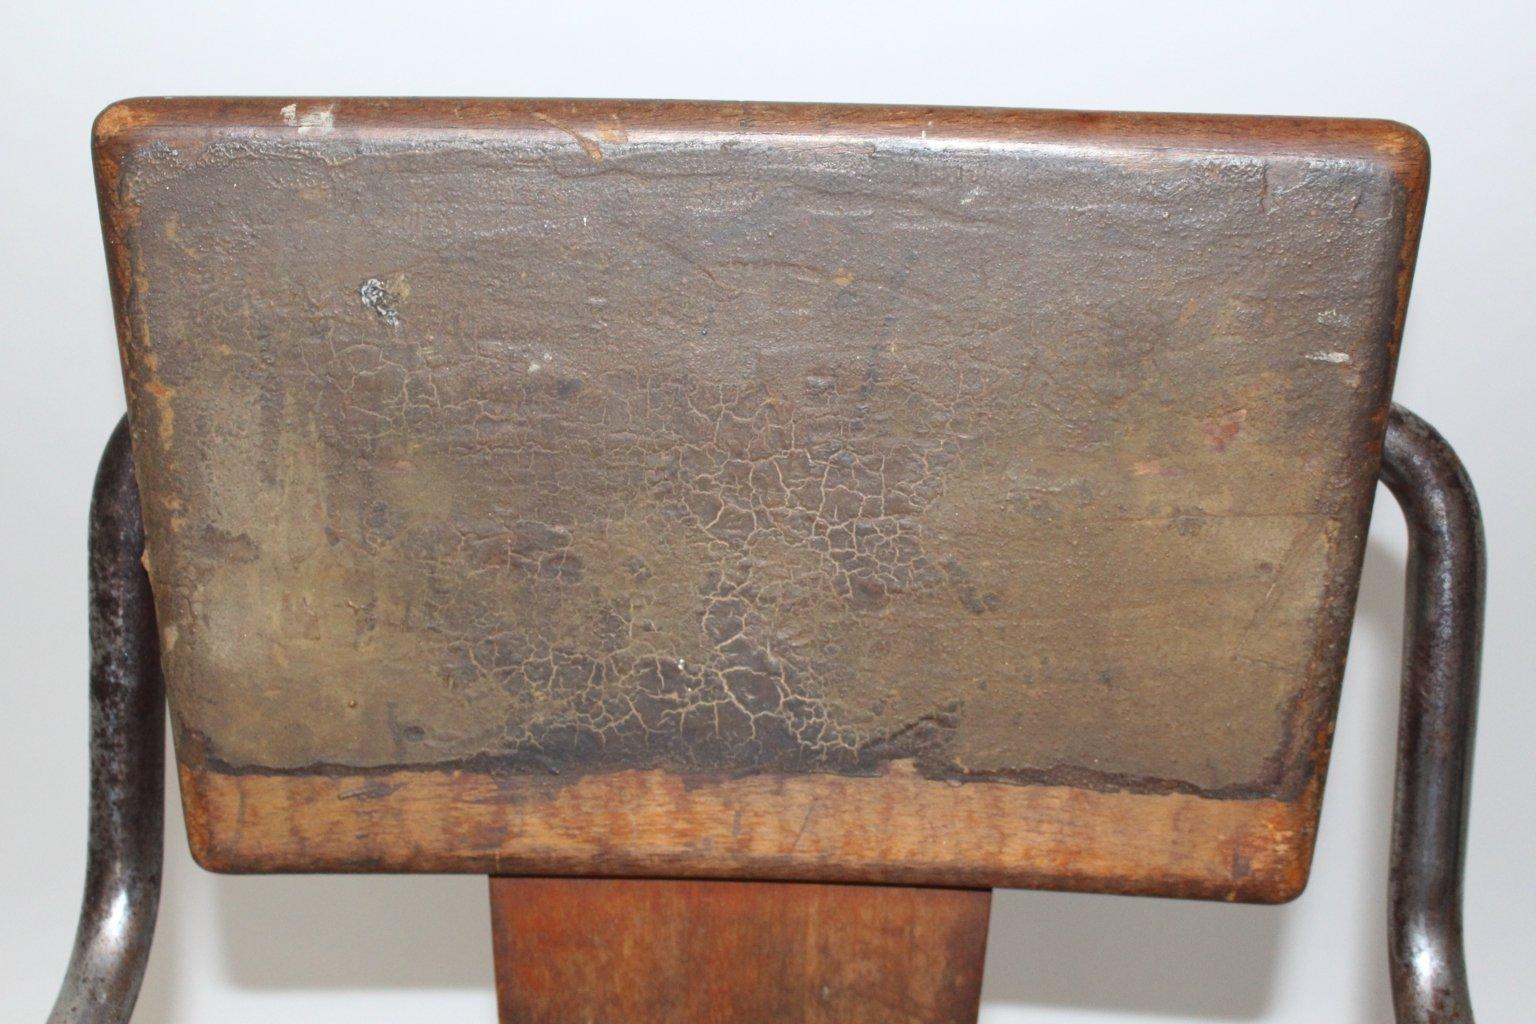 Vintage Tubular Steel Chair By Peter Behrens 1930s En Venta En Pamono # Muebles Peter Behrens